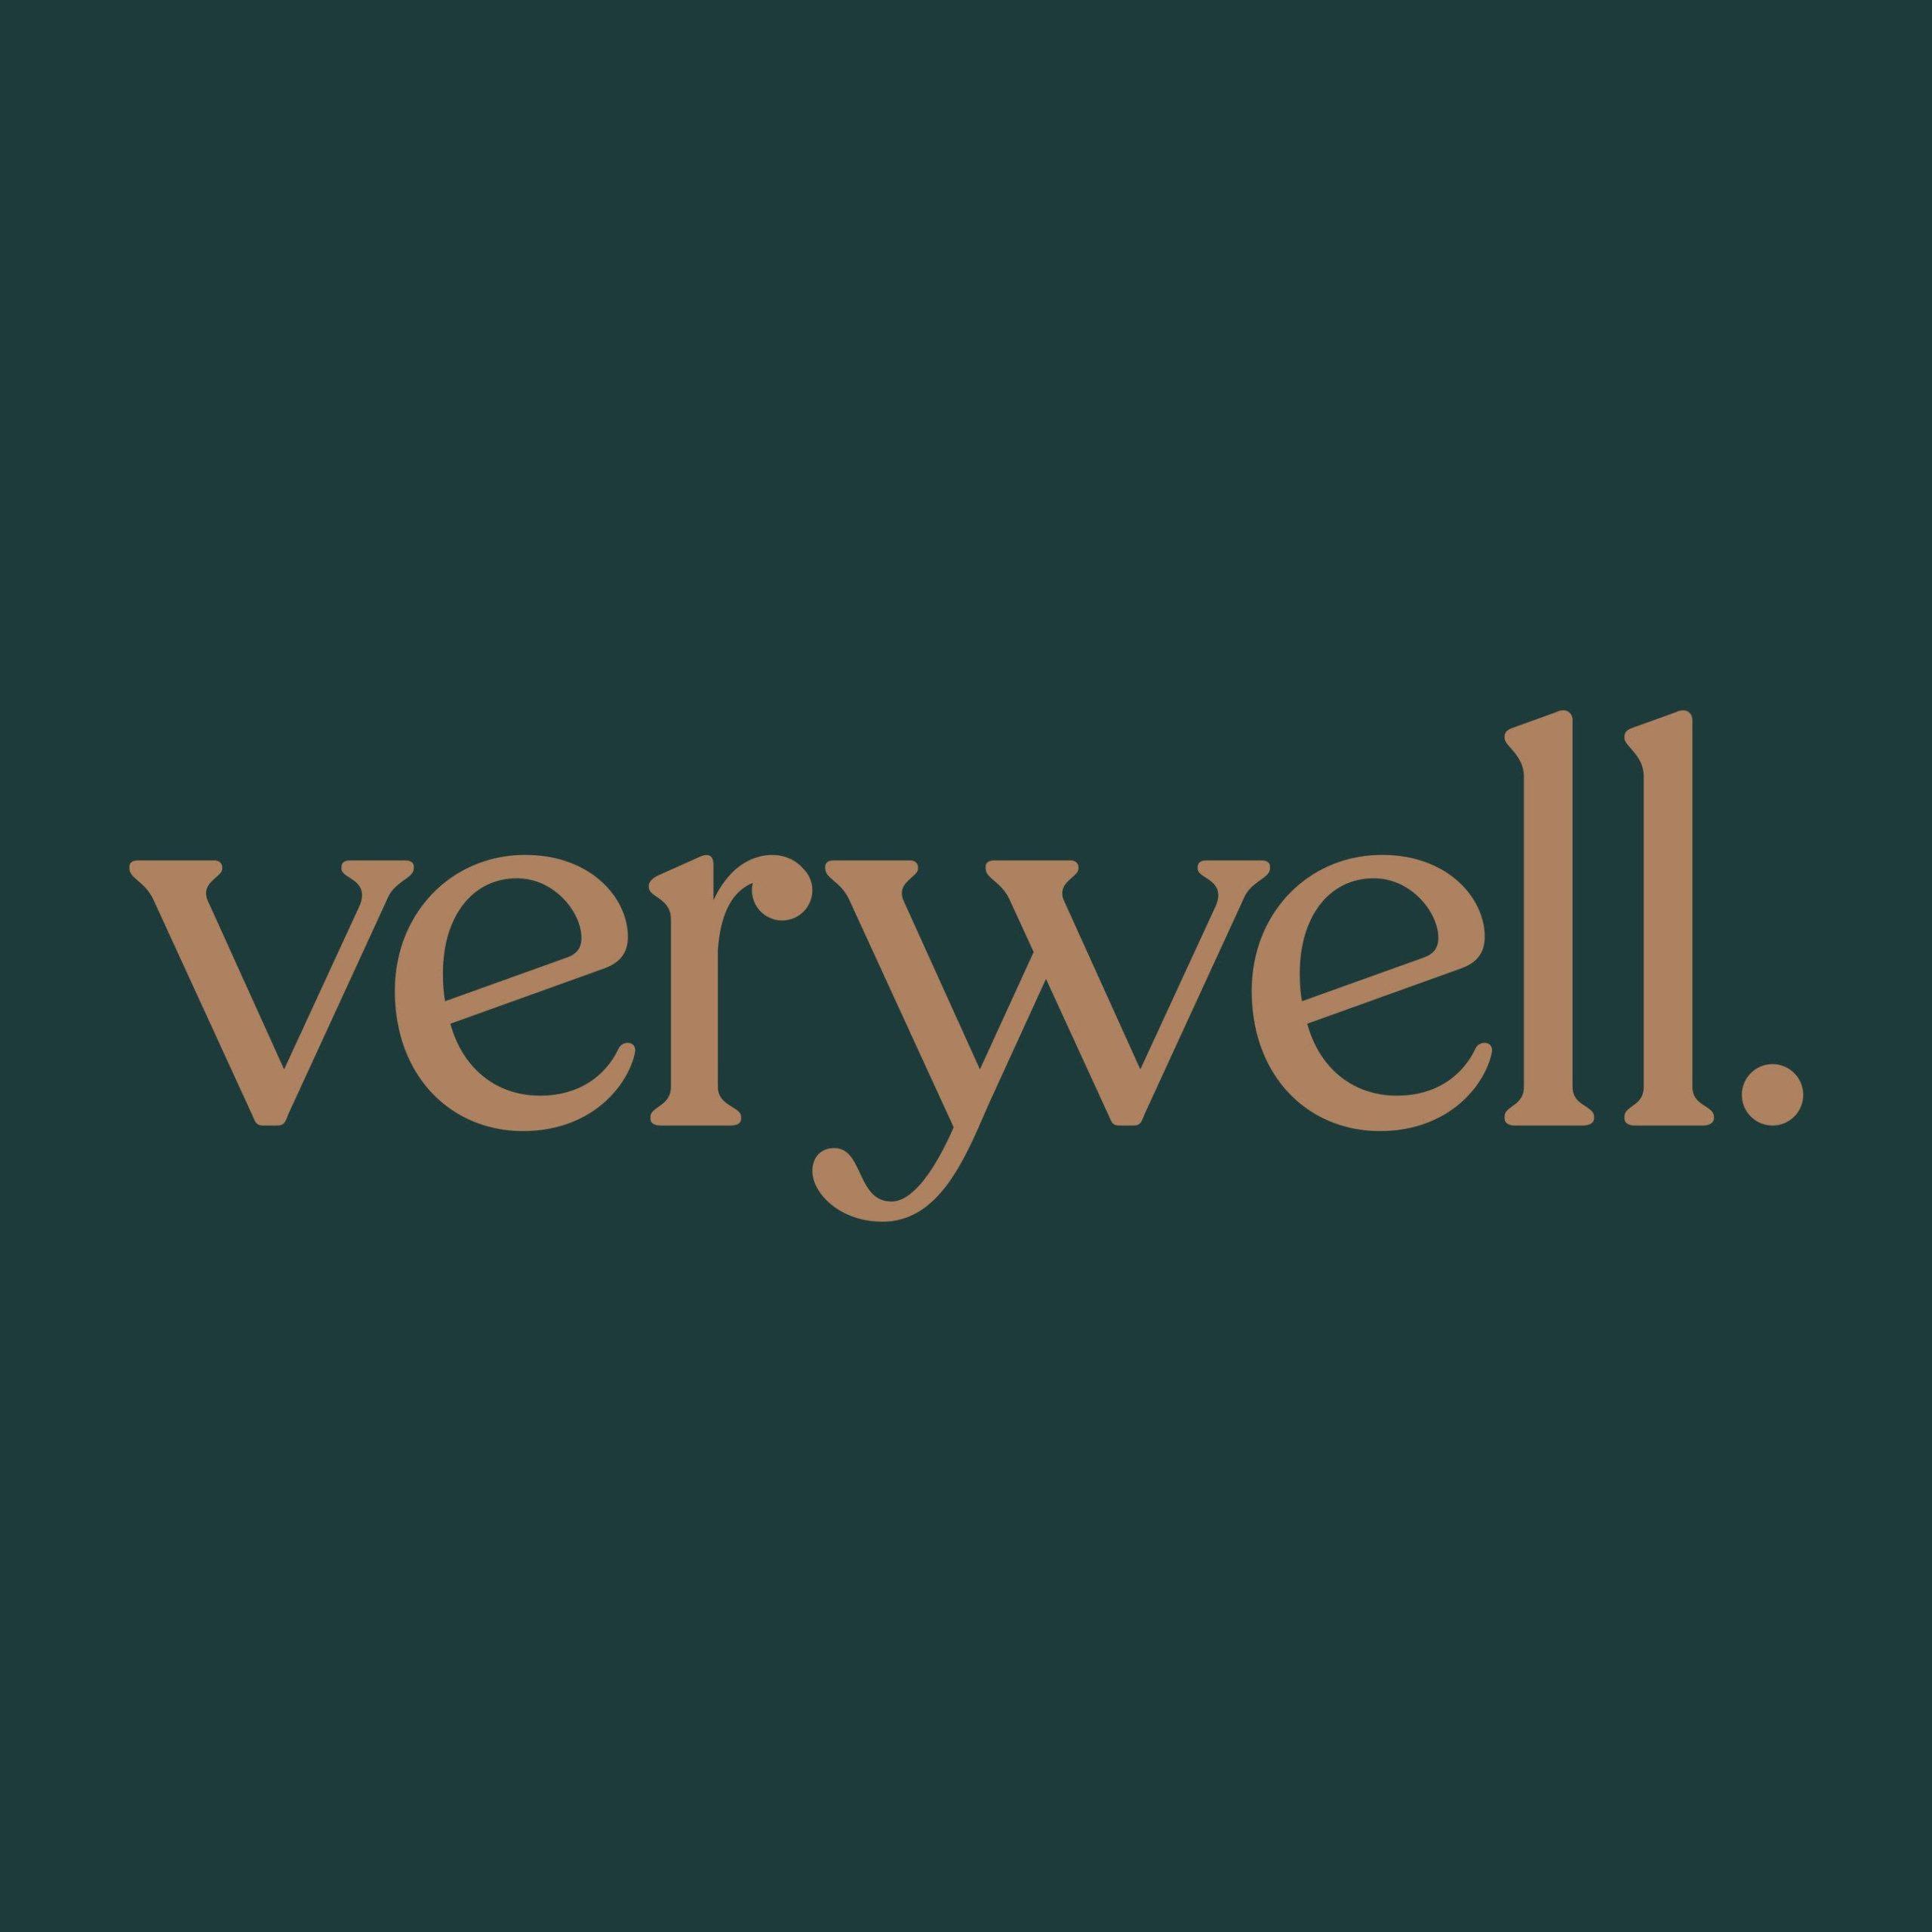 Veryvell